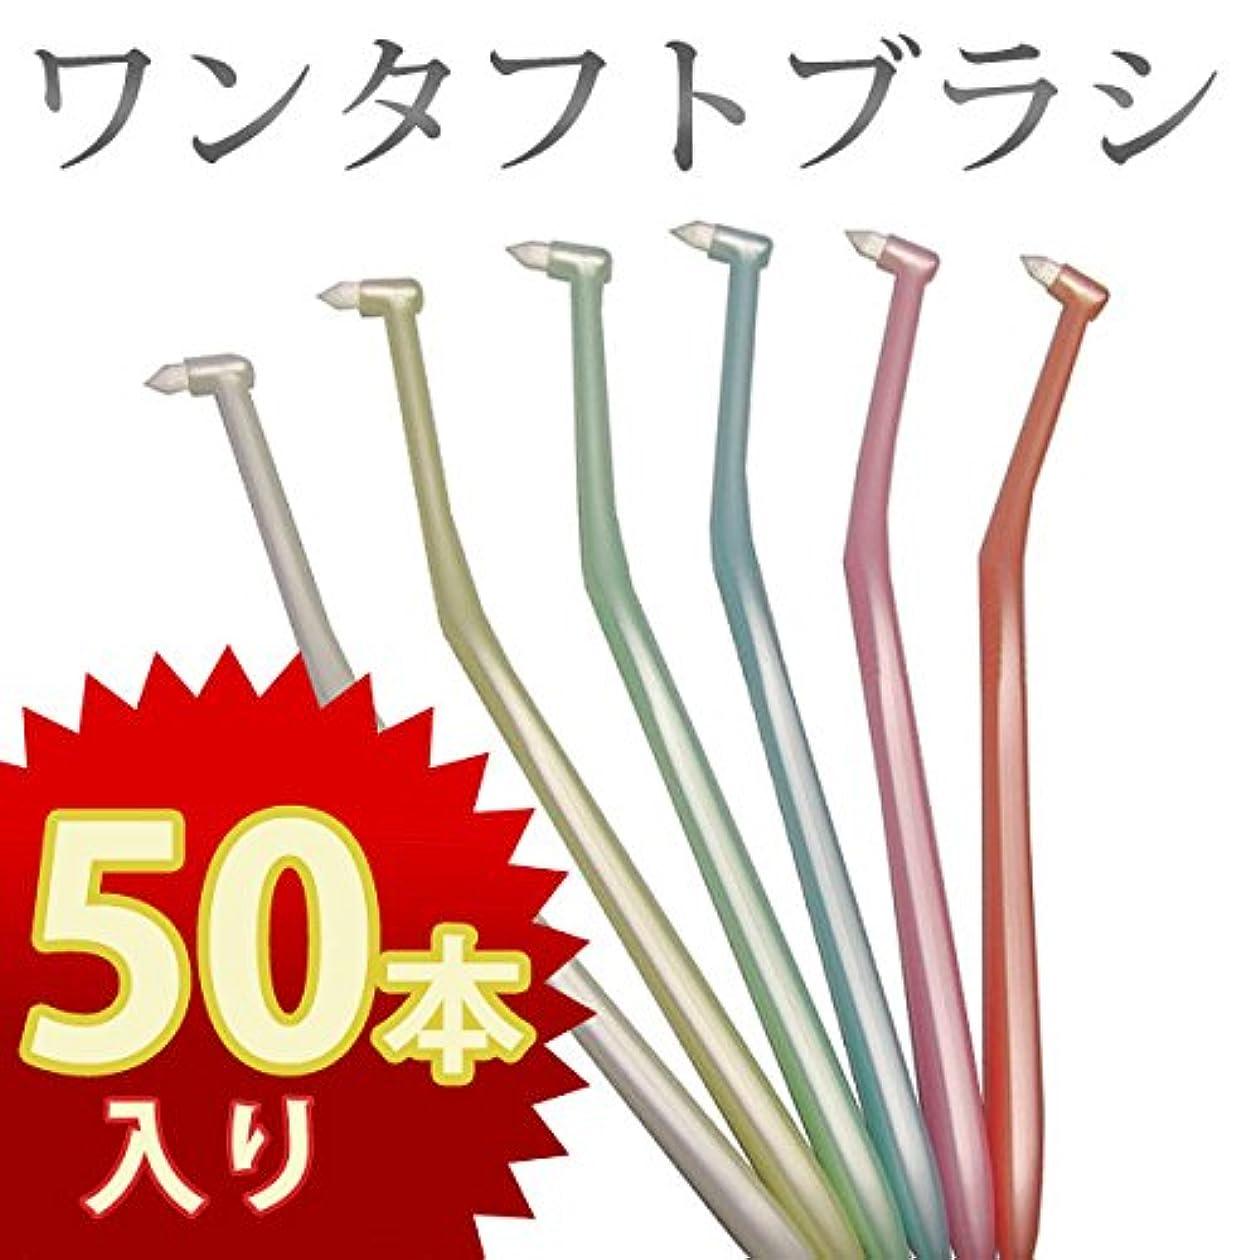 緯度姿勢すずめラピス ワンタフト 50本入り 歯ブラシ LA-001 ミディアム(ふつう) 6色アソート